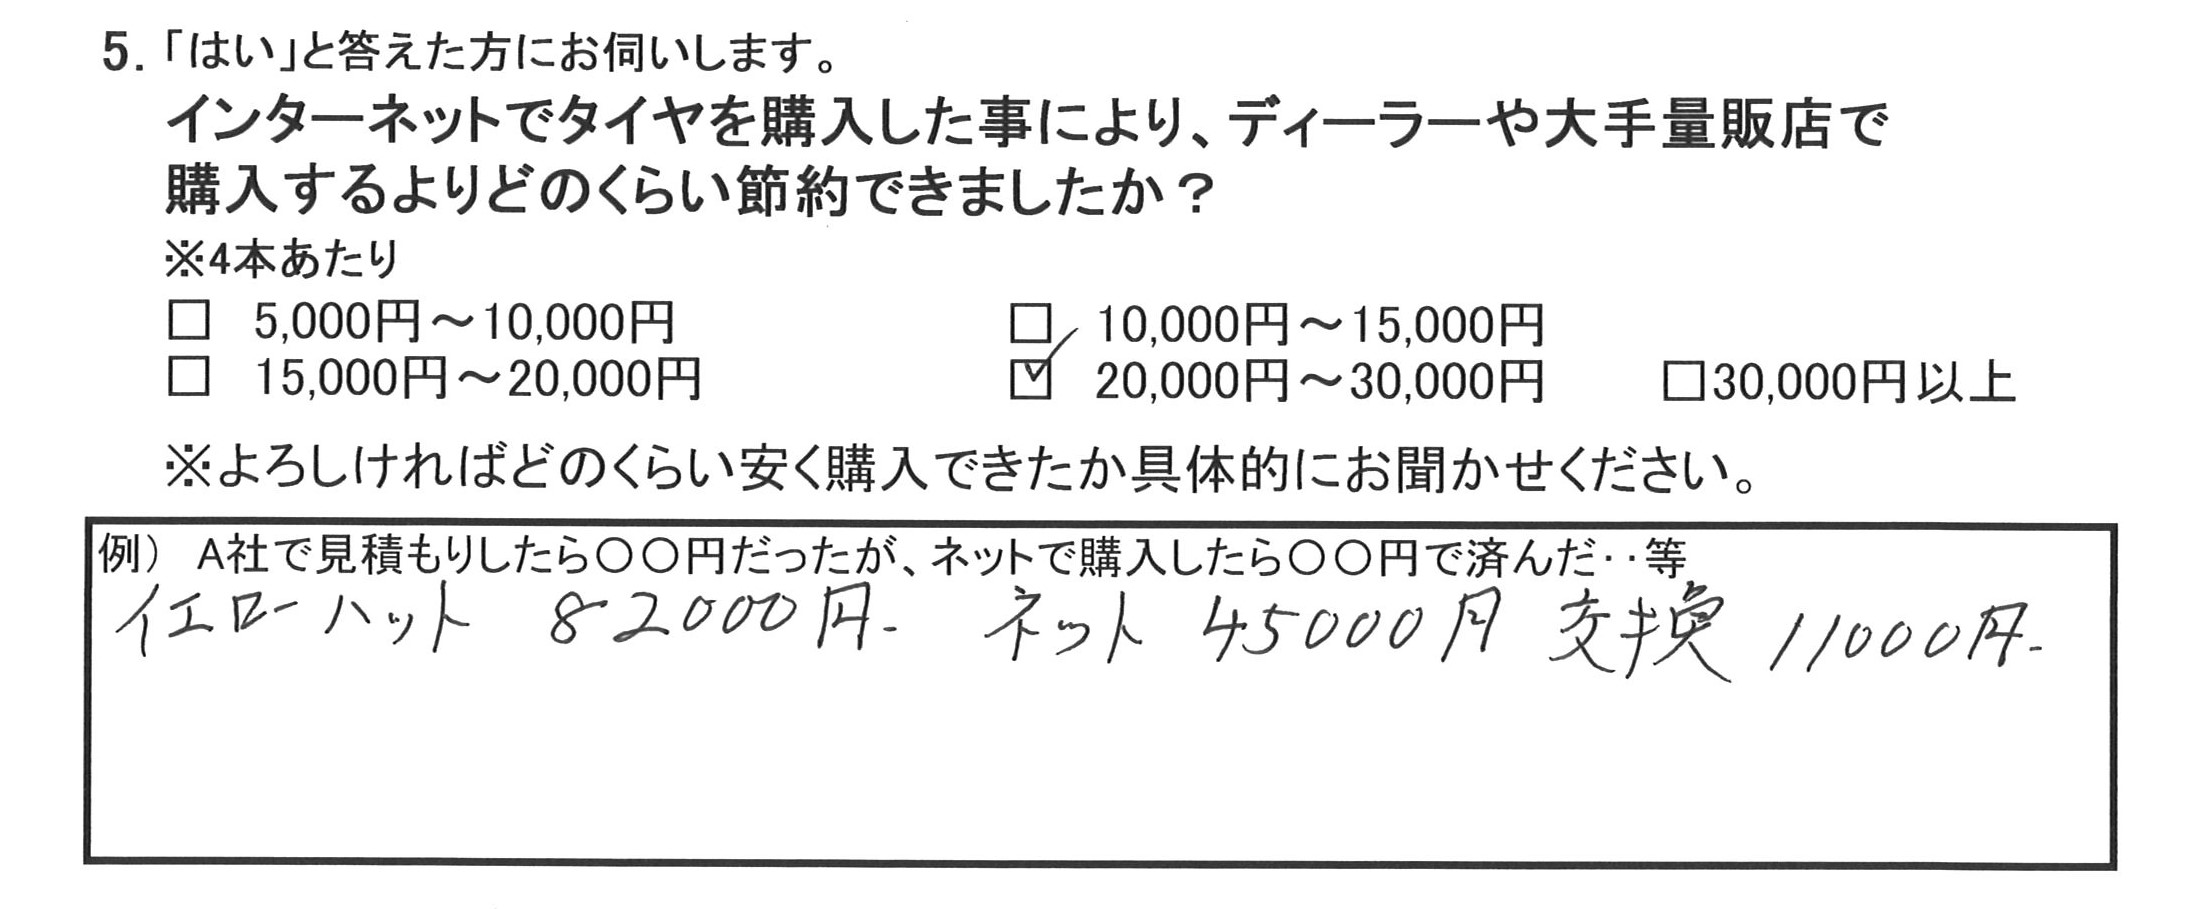 20160612早坂様アンケート